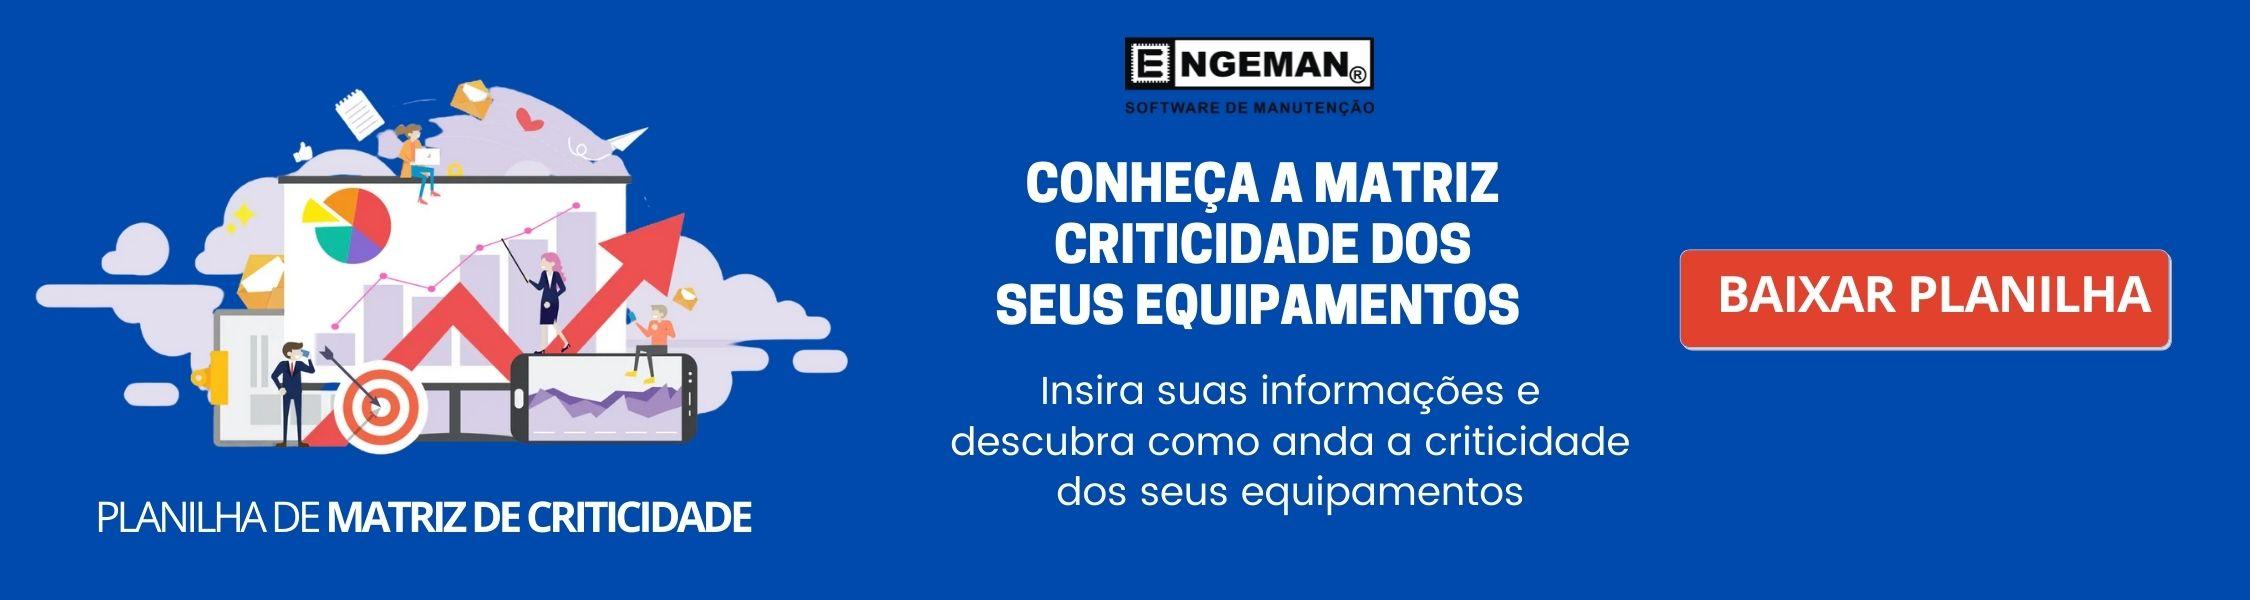 cta blog 2 - Análise de criticidade de equipamentos: o que é na manutenção?